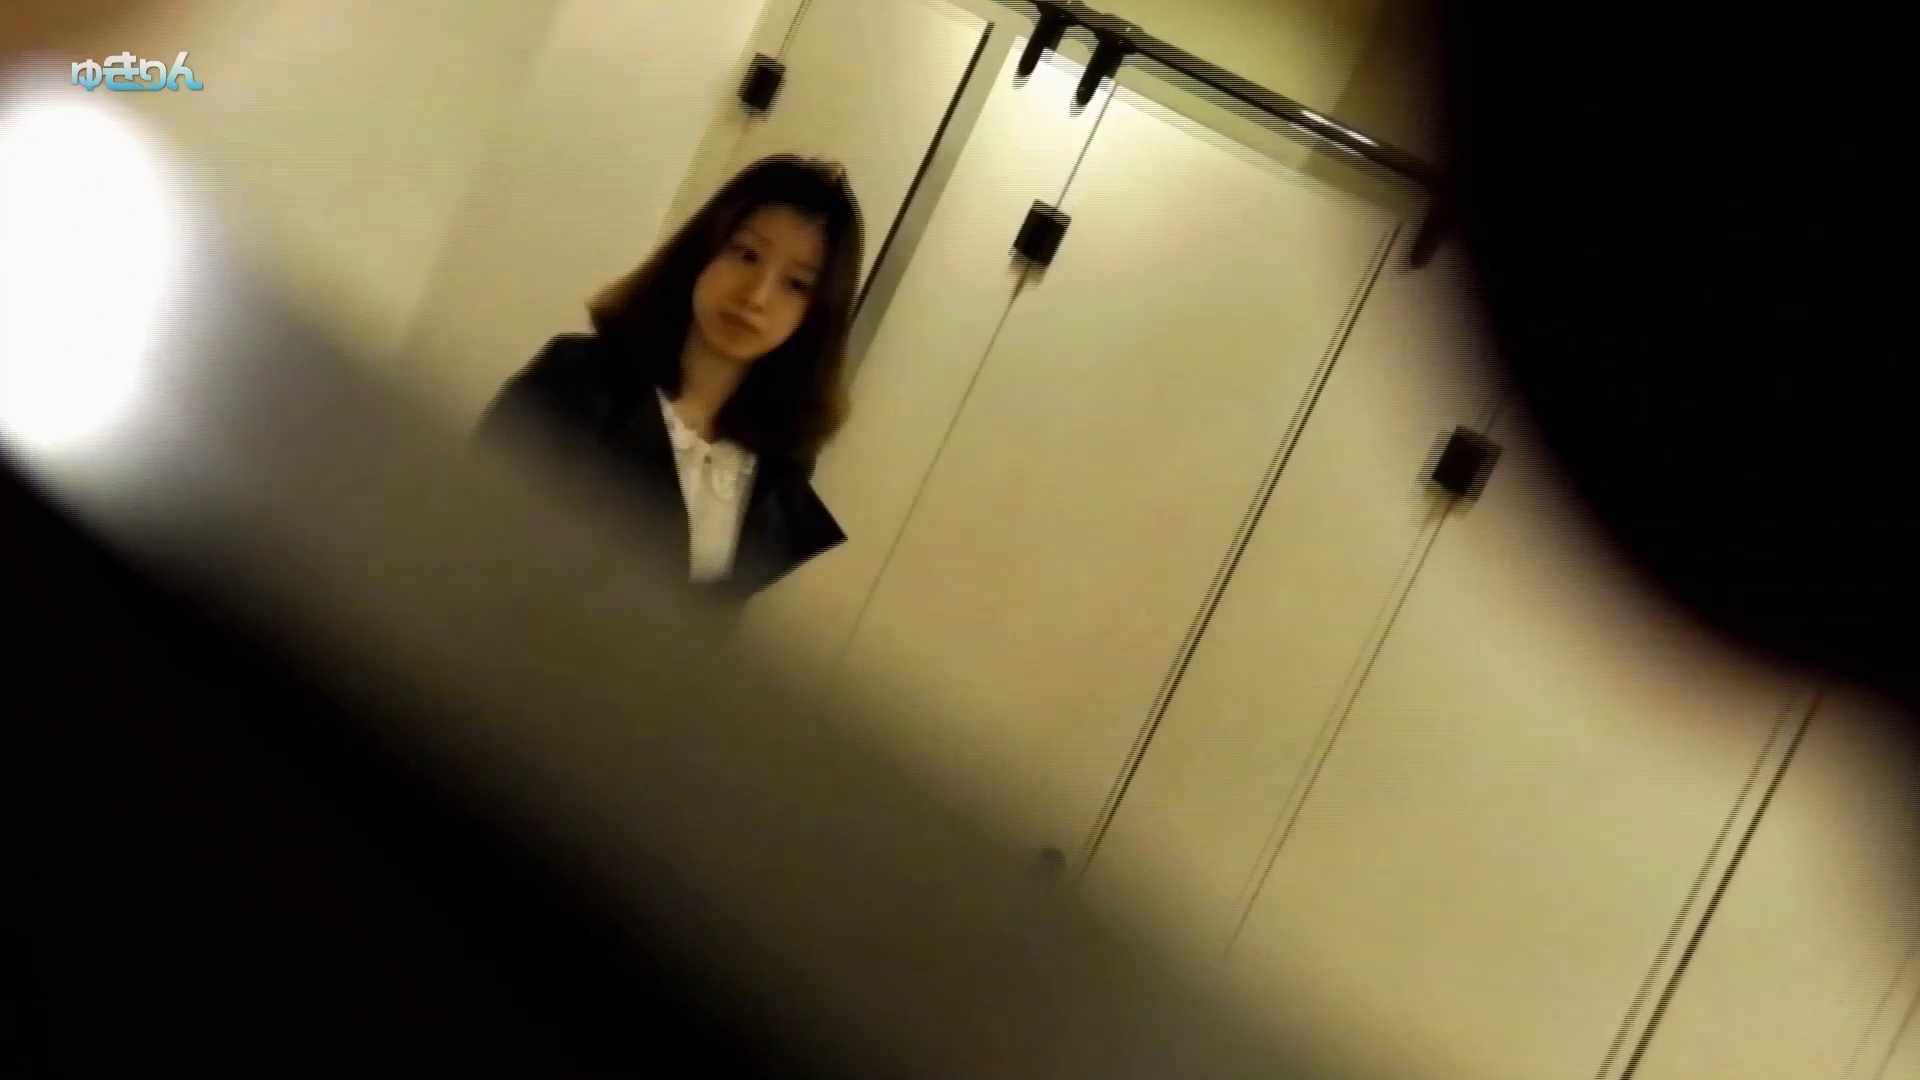 新世界の射窓 No81 制月反さん登場!! 高画質 ヌード画像 106画像 95